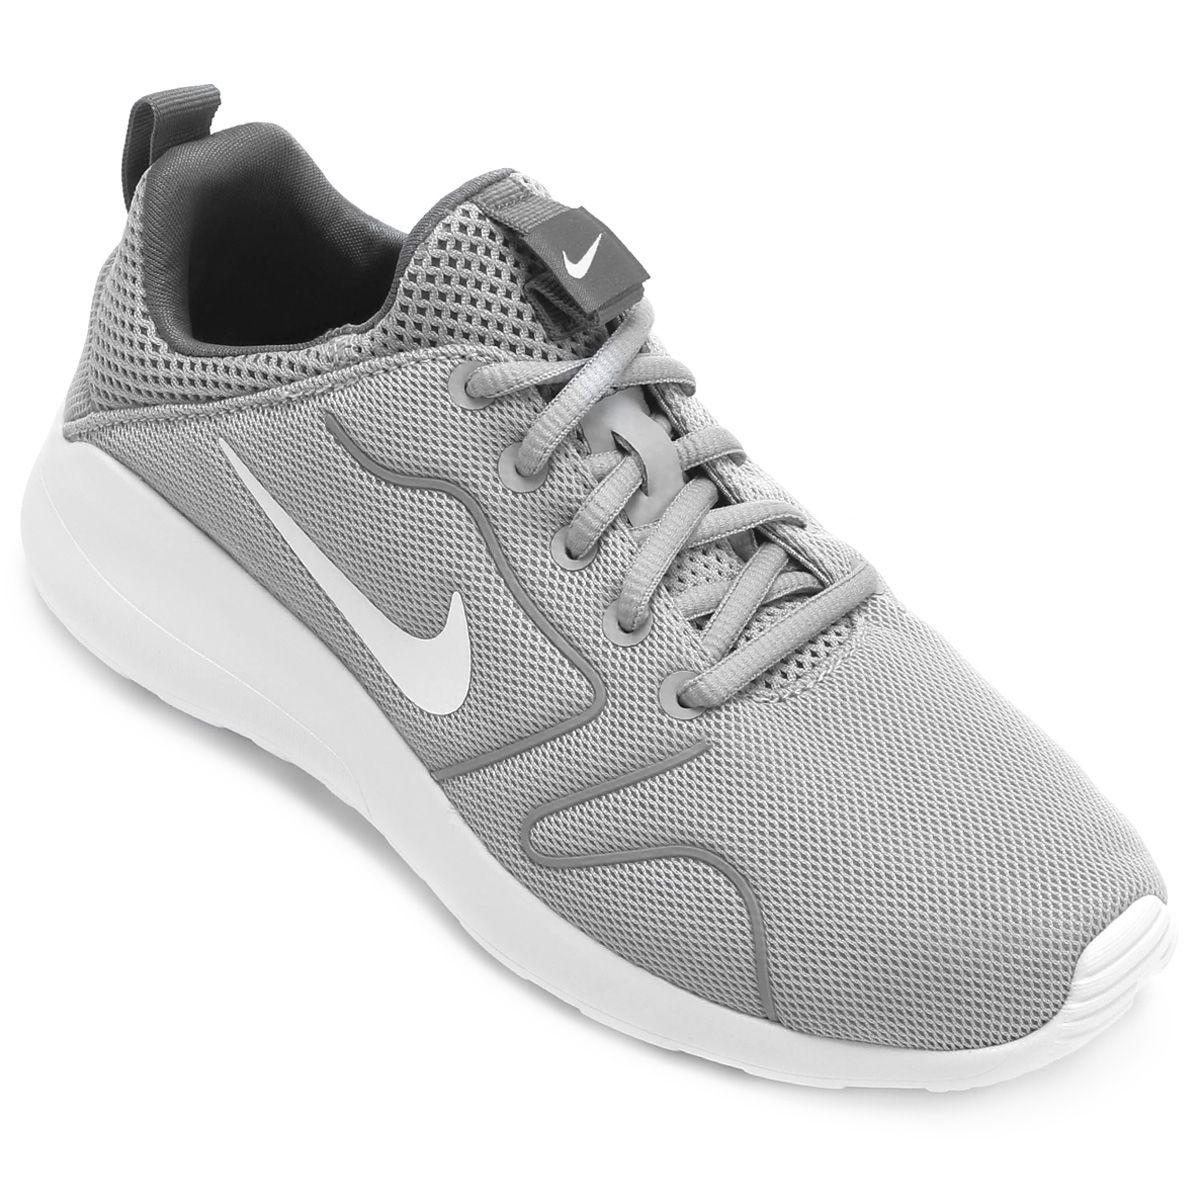 e209046fb Tênis Nike Kaishi 2.0 Preto e Branco